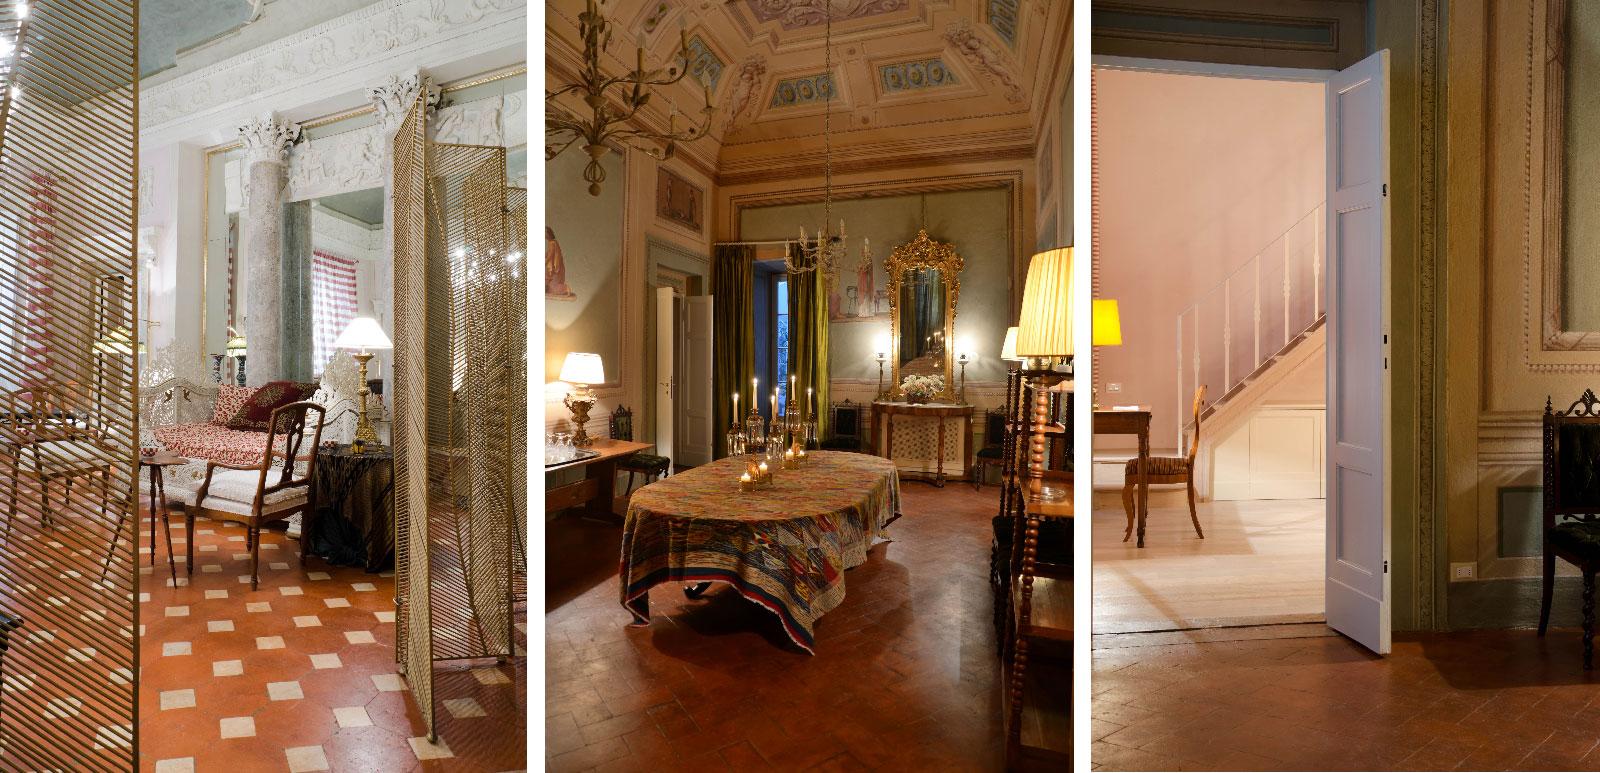 Palazzo-Bartolommei-interni